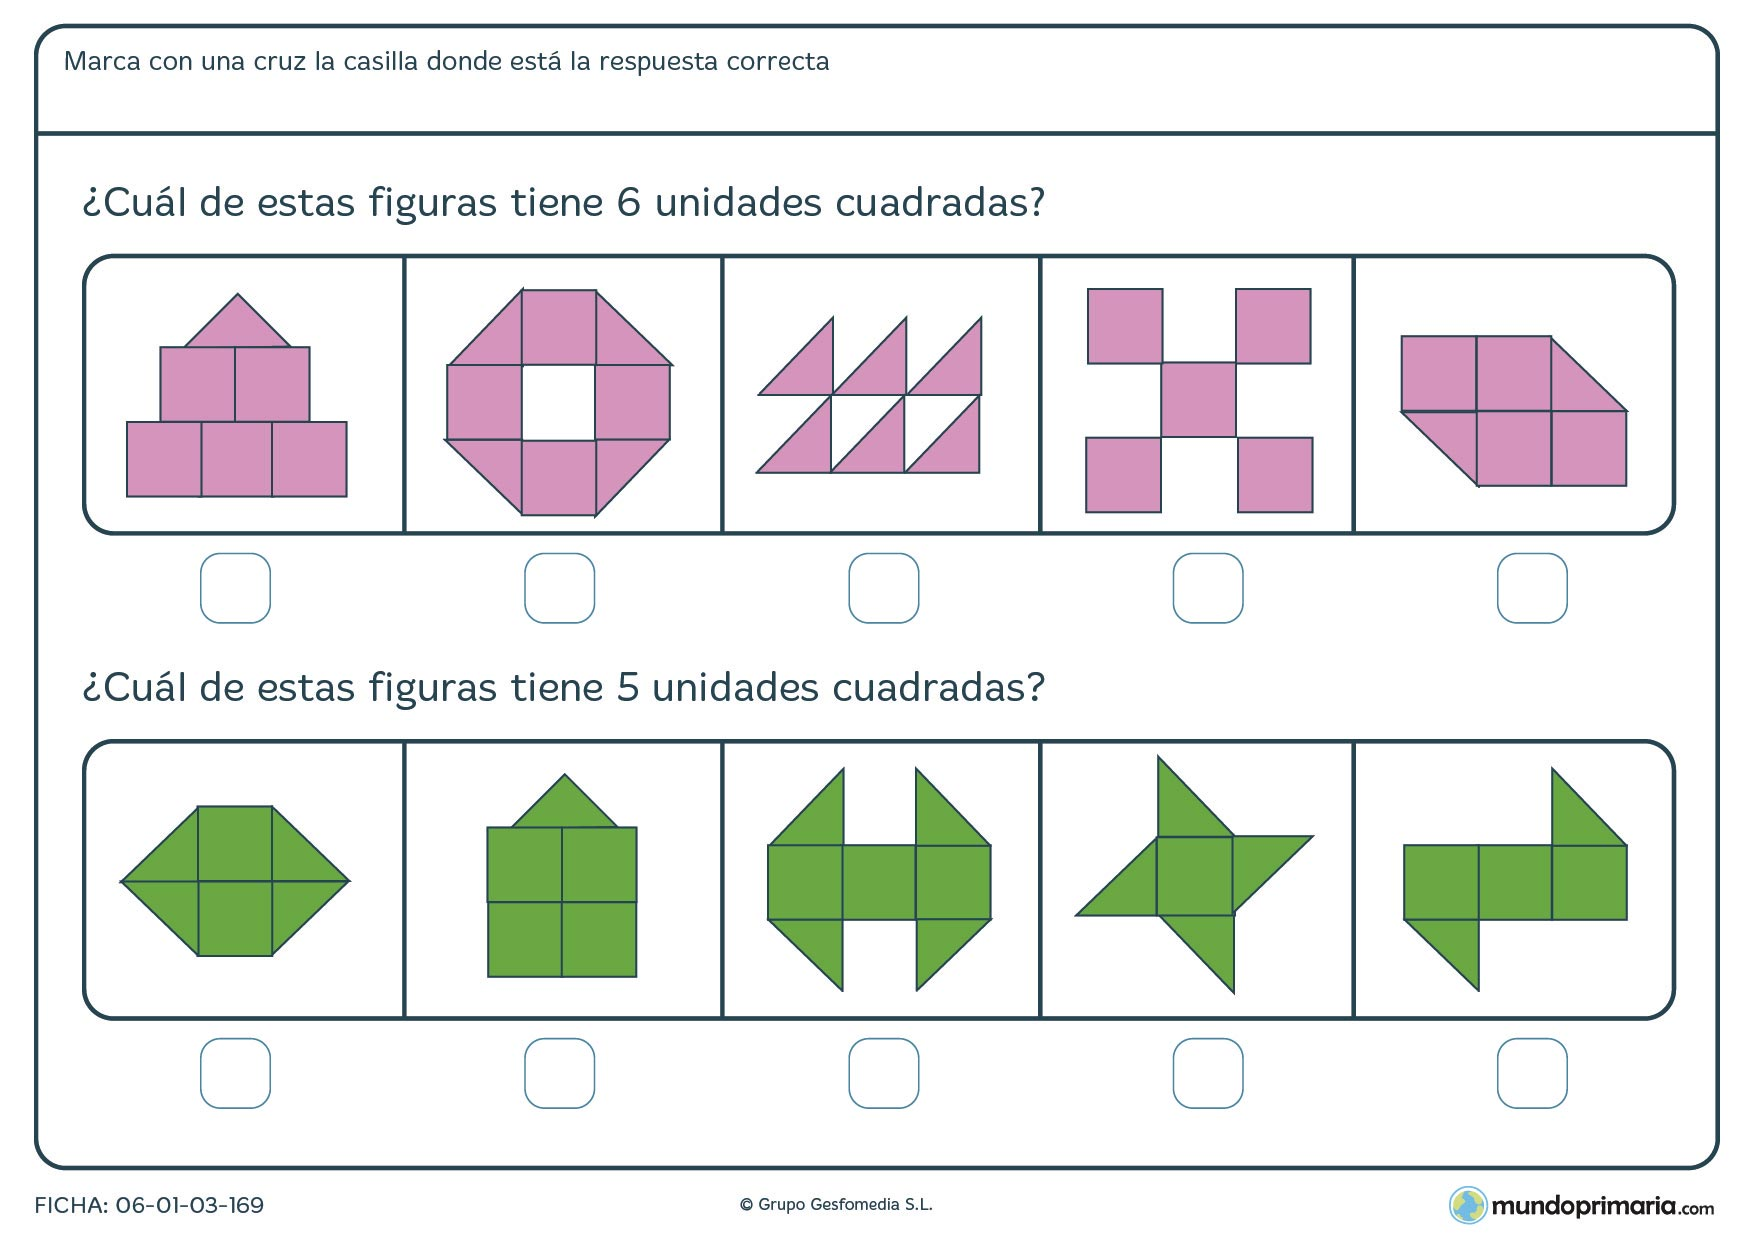 Ficha de número de unidades cuadradas y triangulares de las que tienes que hallar los cuadrados totales que las componen.